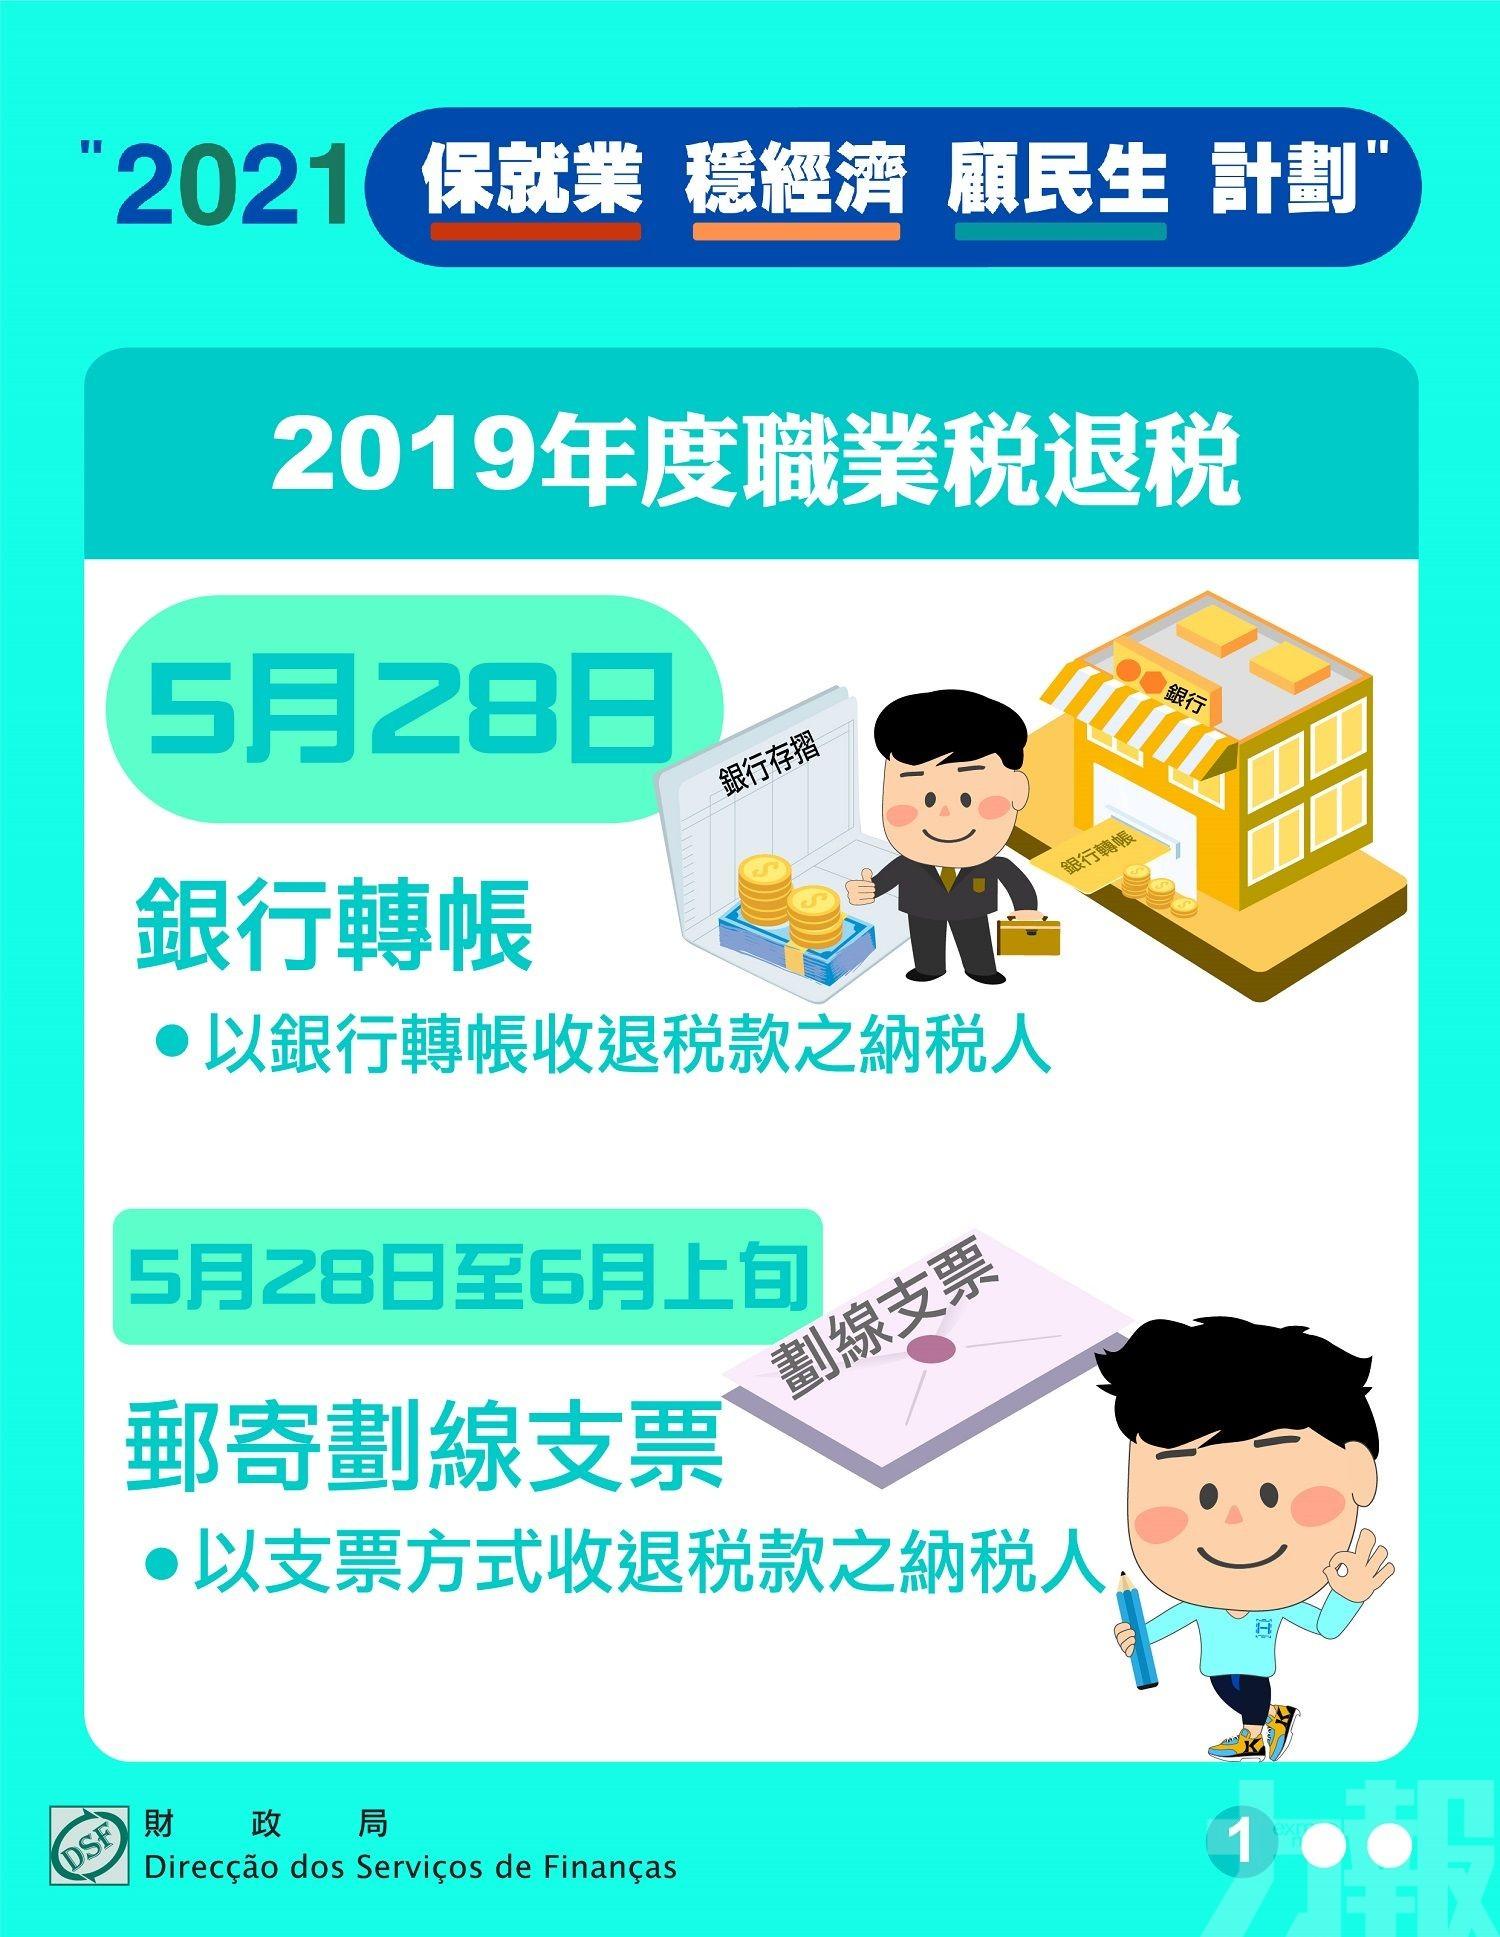 財政局明起退回2019年度職業稅